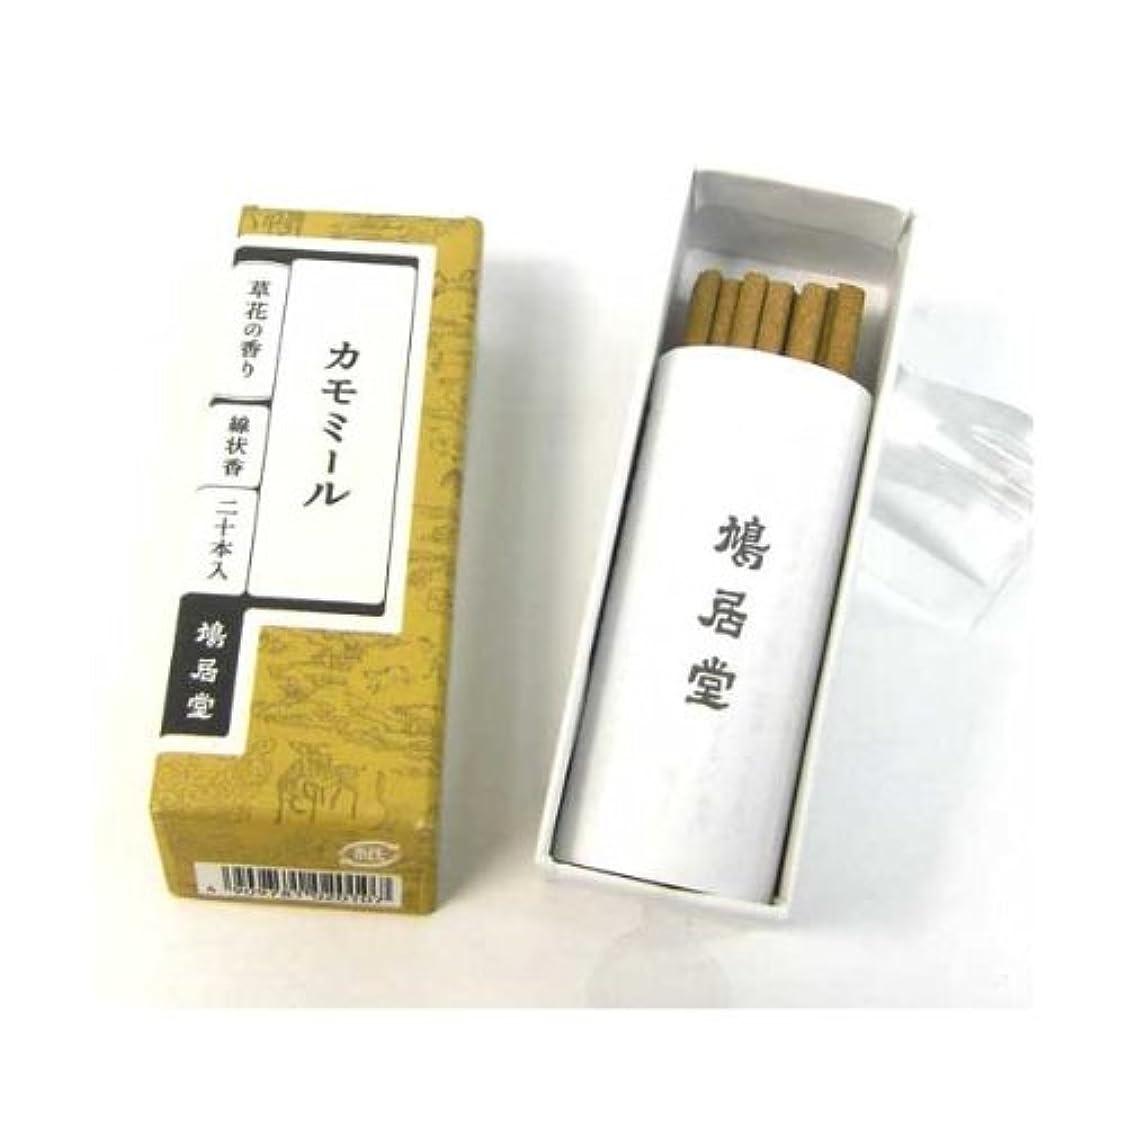 いわゆる幻想的マントル鳩居堂 お香 カモミール 草花の香りシリーズ スティックタイプ(棒状香)20本いり